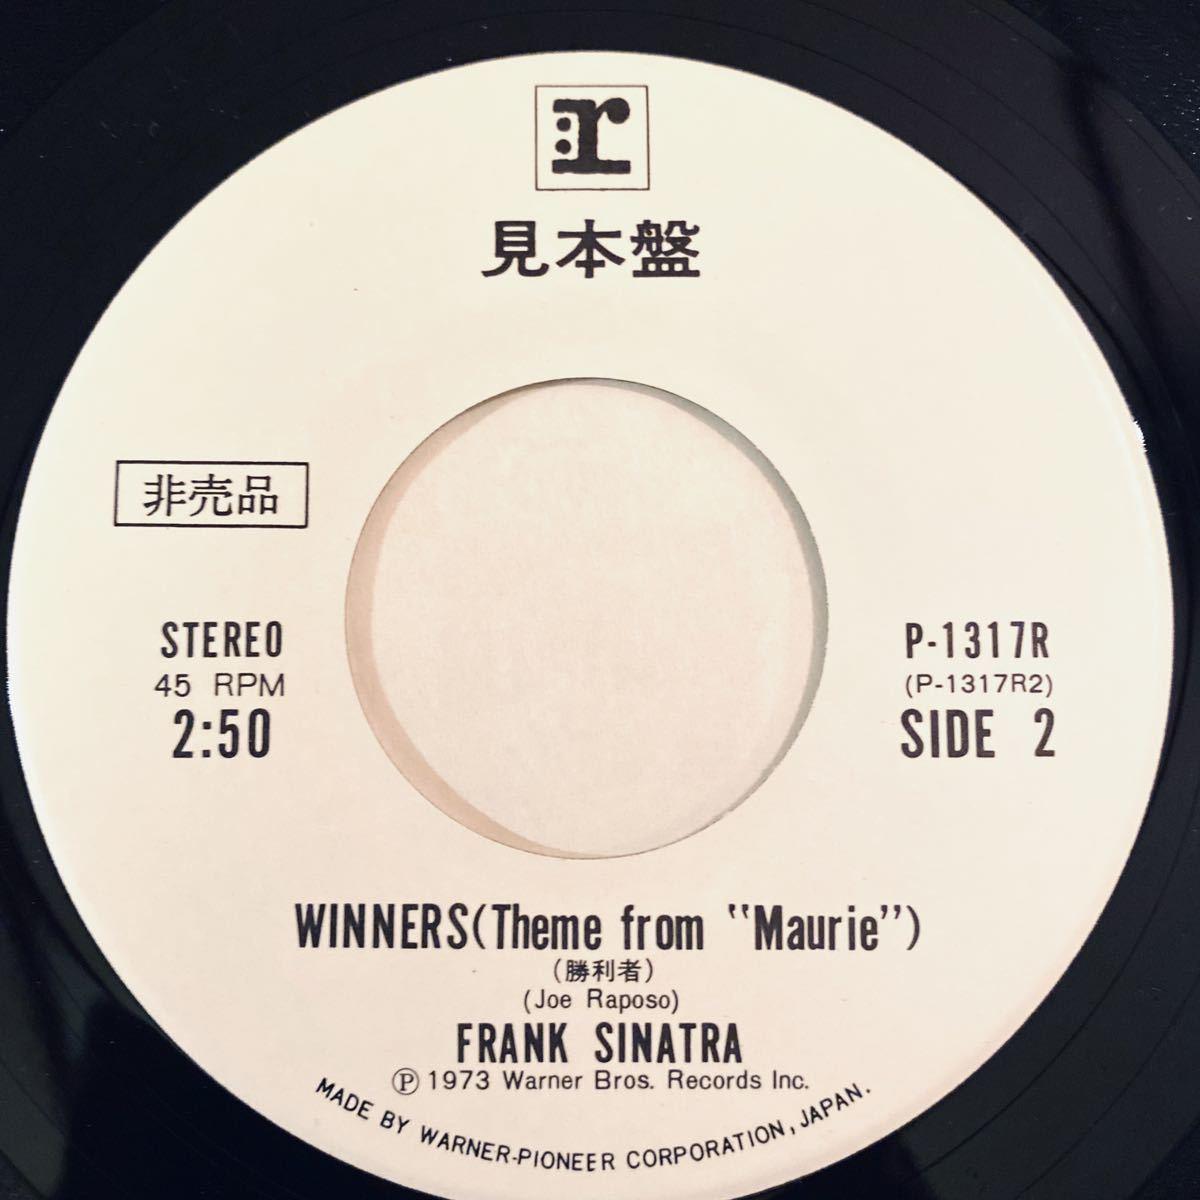 国内見本盤白ラベルEP / フランク・シナトラ - 君こそ我が音楽 / '74 P-1317R 非売品 プロモ サンプル FRANK SINATRA_画像4